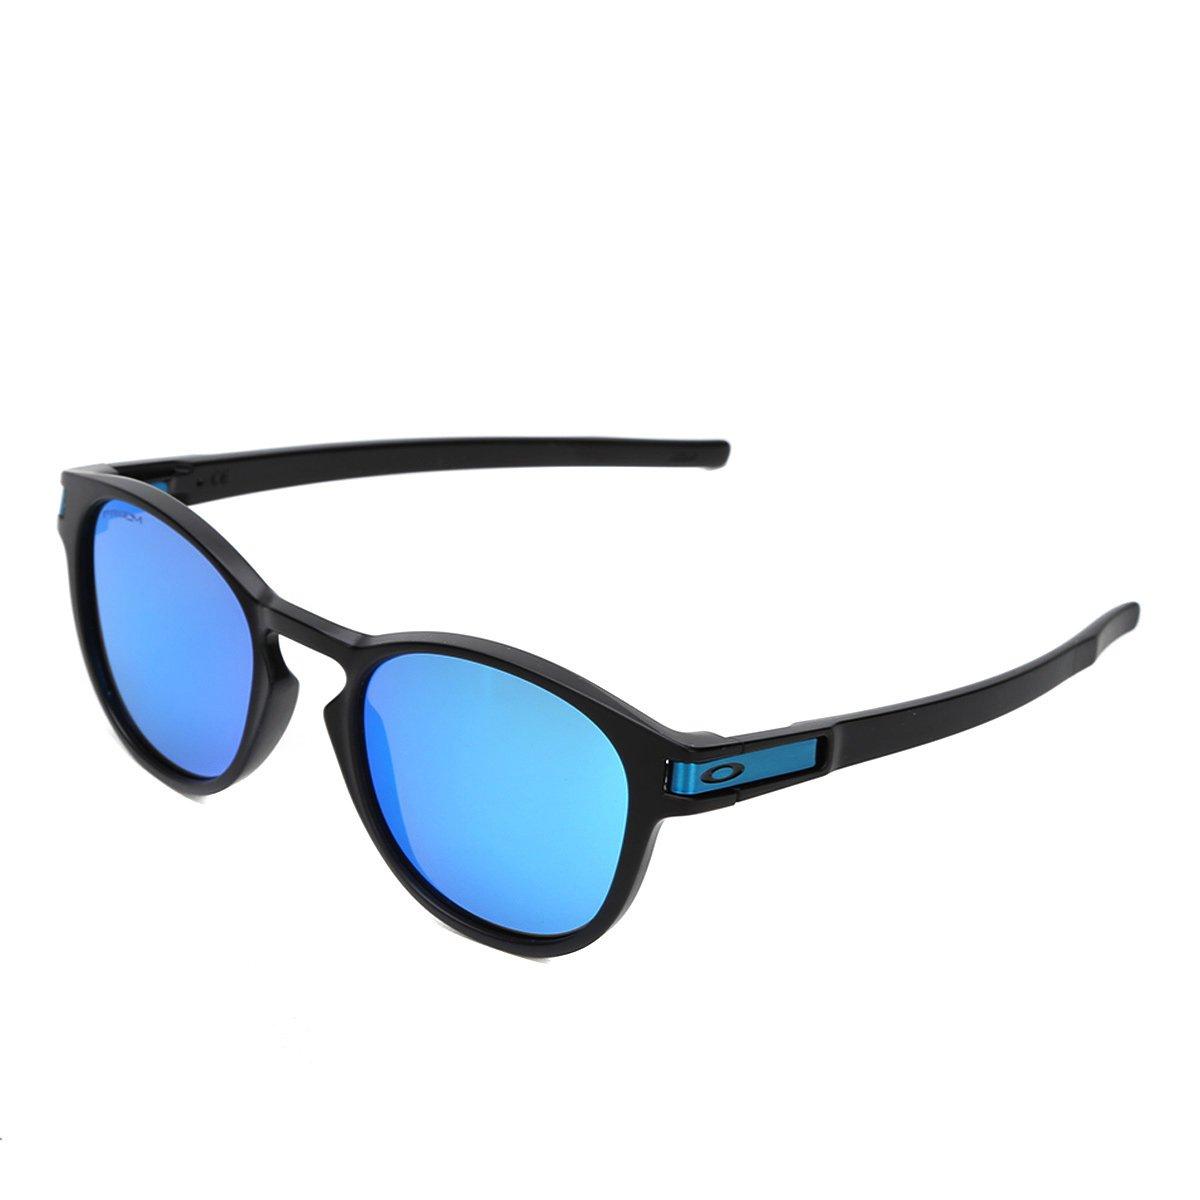 Óculos de Sol Oakley Latch Masculino - Preto e Azul - Compre Agora ... 7ba295855c